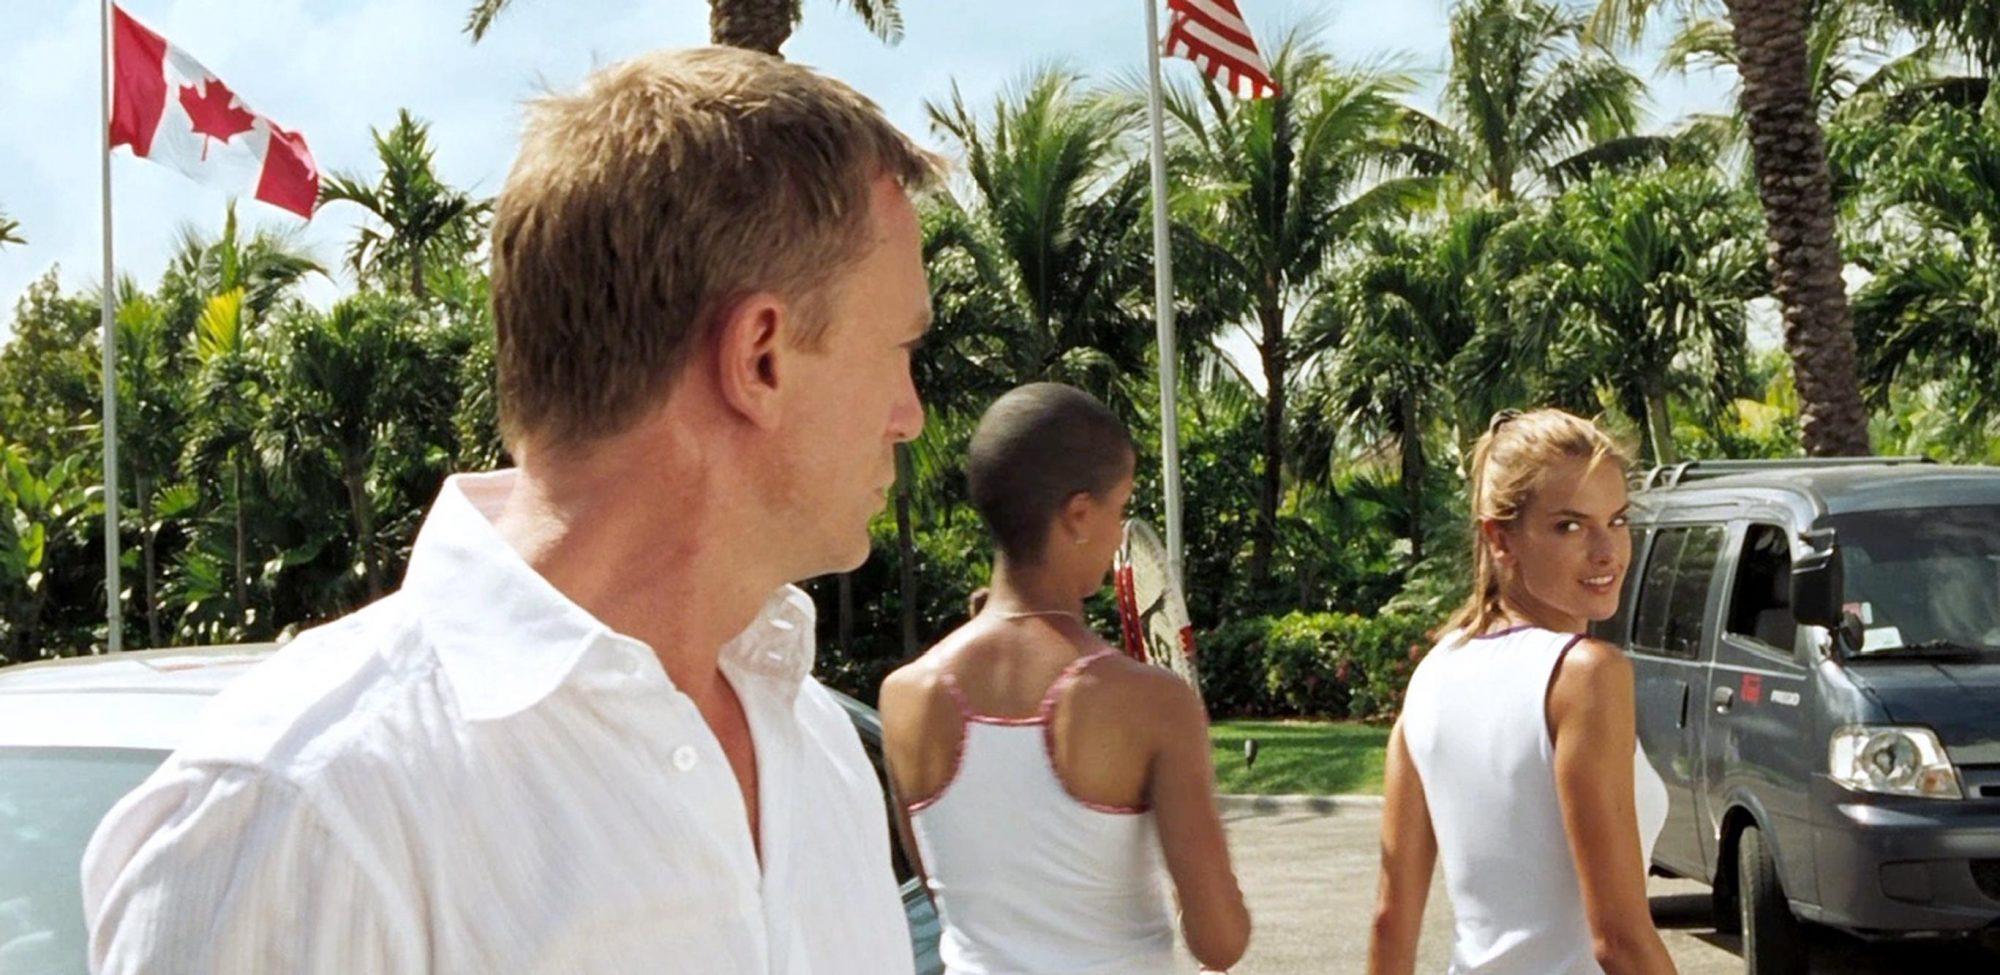 Bond Cameos Alessandra Ambrosio in Casino Royale